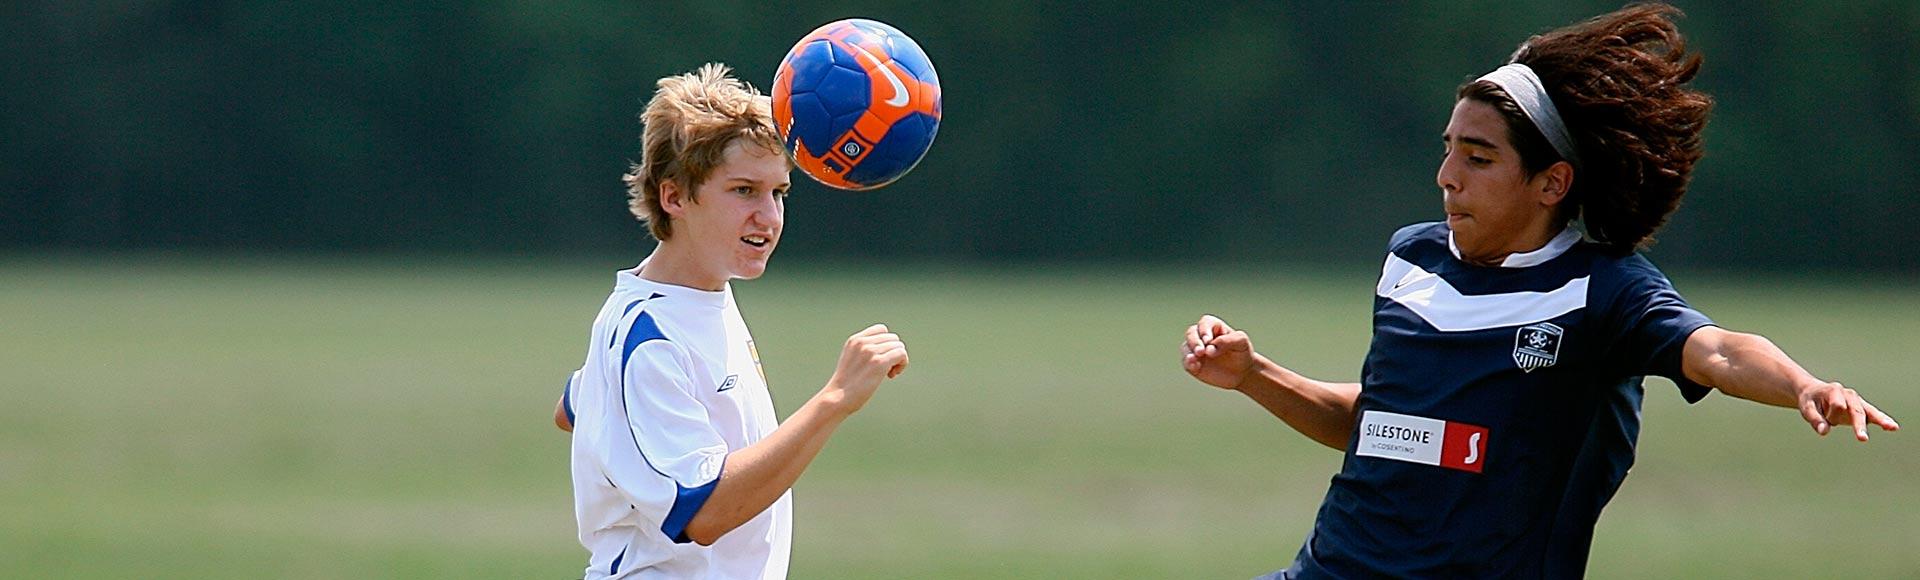 programa jóvenes inglés más fútbol Inglaterra